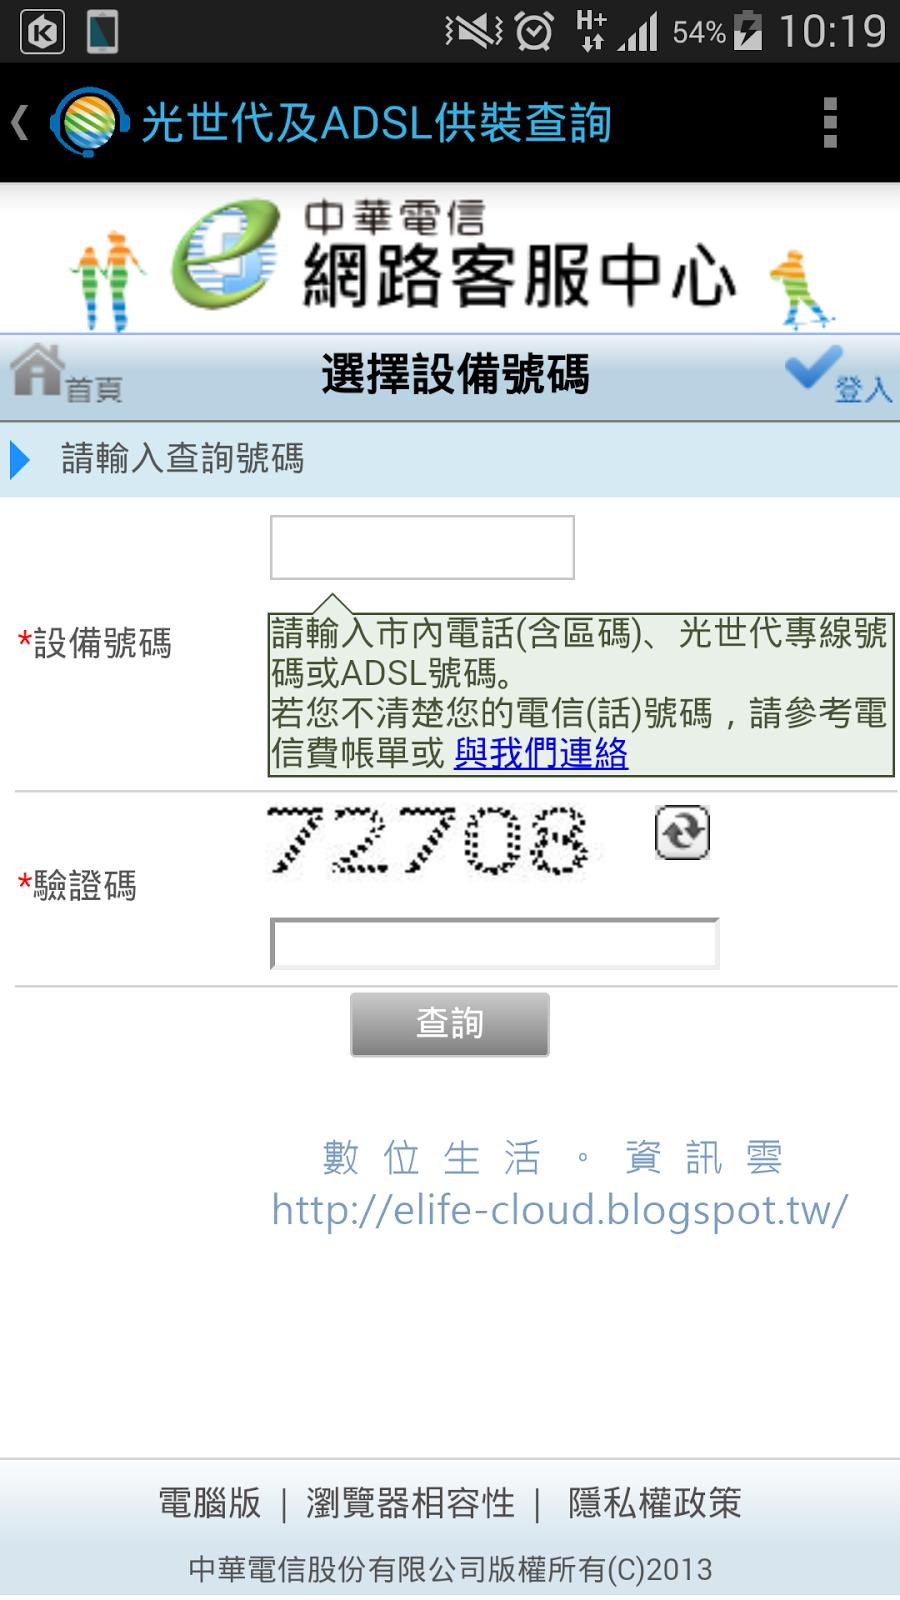 數位生活。資訊雲: 中華電信客服 APP - 提供查帳單,查流量,線上客服及多功能服務